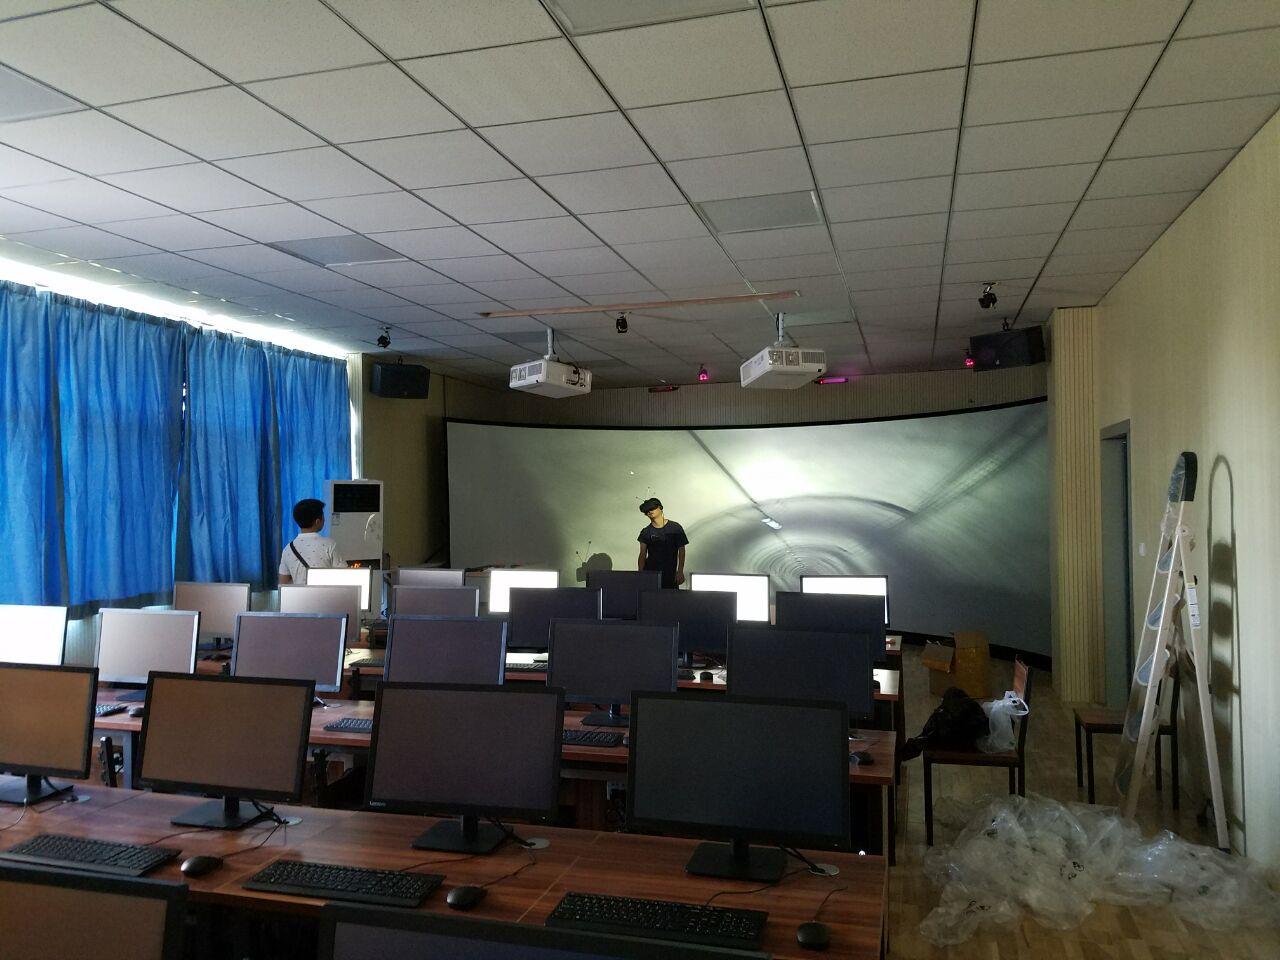 西安工程大学VR虚拟现实实训室(北京欧倍尔建设)